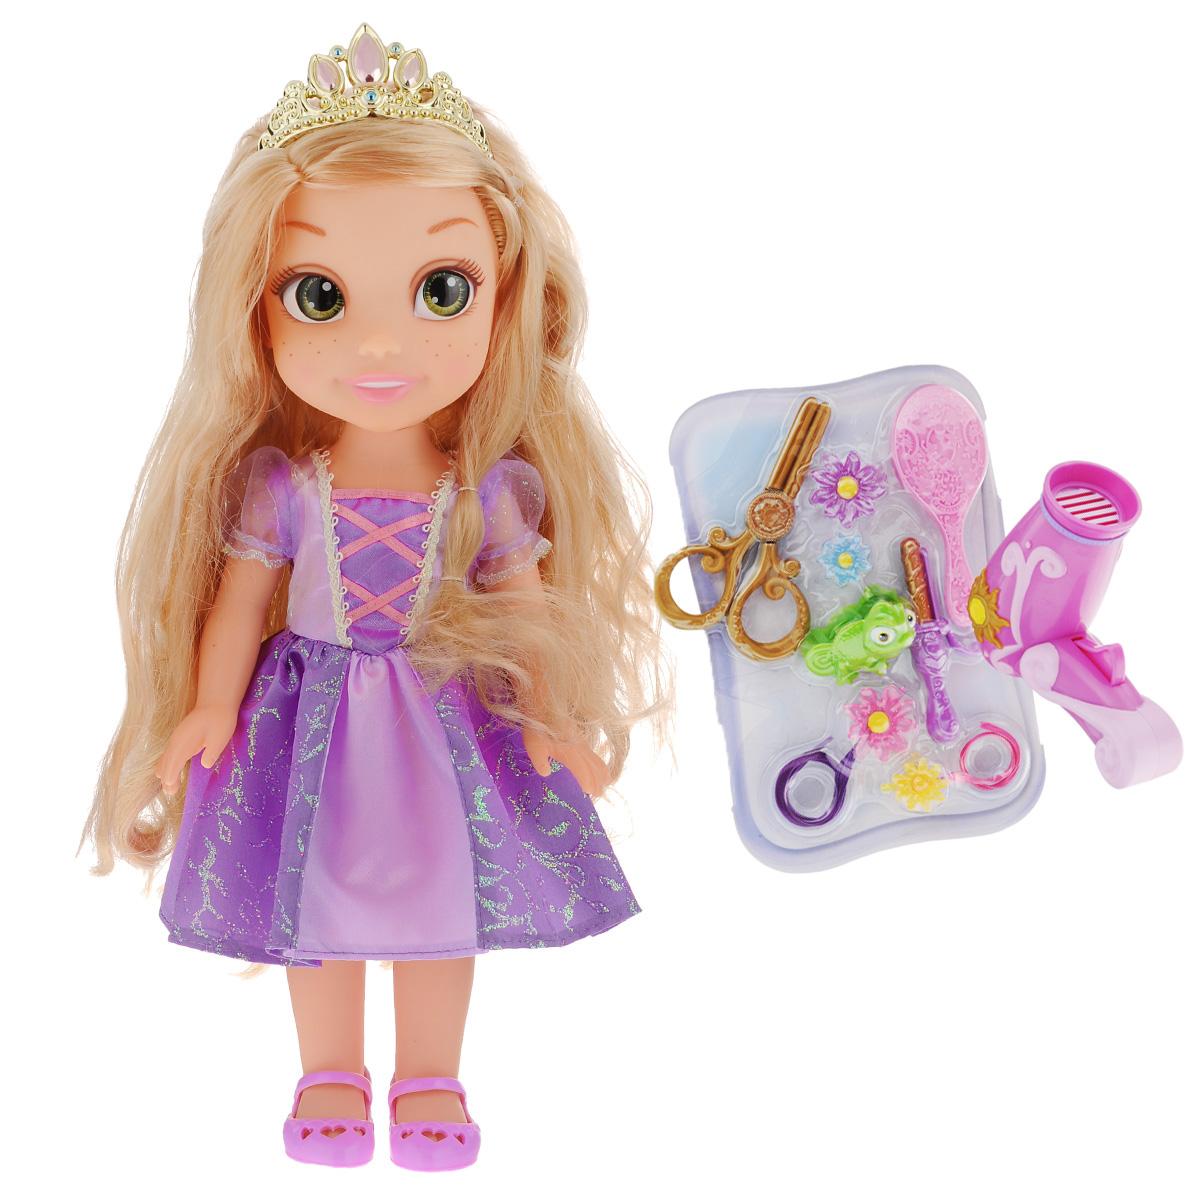 Disney Princess Игровой набор Easy Styles Рапунцель757220_РапунцельИгровой набор Disney Princess Easy Styles Рапунцель - это великолепный игровой набор, который непременно понравится любой девочке. Набор состоит из куклы героине популярного мультфильма Рапунцель и все необходимые аксессуары для создания стильного образа. Фен работает как настоящий от 1 батарейки напряжения 1,5 V типа ААА (не входит в комплект), а утюжок поможет создать красивые локоны. Модные заколочки завершат стильный образ. Игрушка изготовлена из высококачественных материалов. Кукла имеет большие не нарисованные глаза.